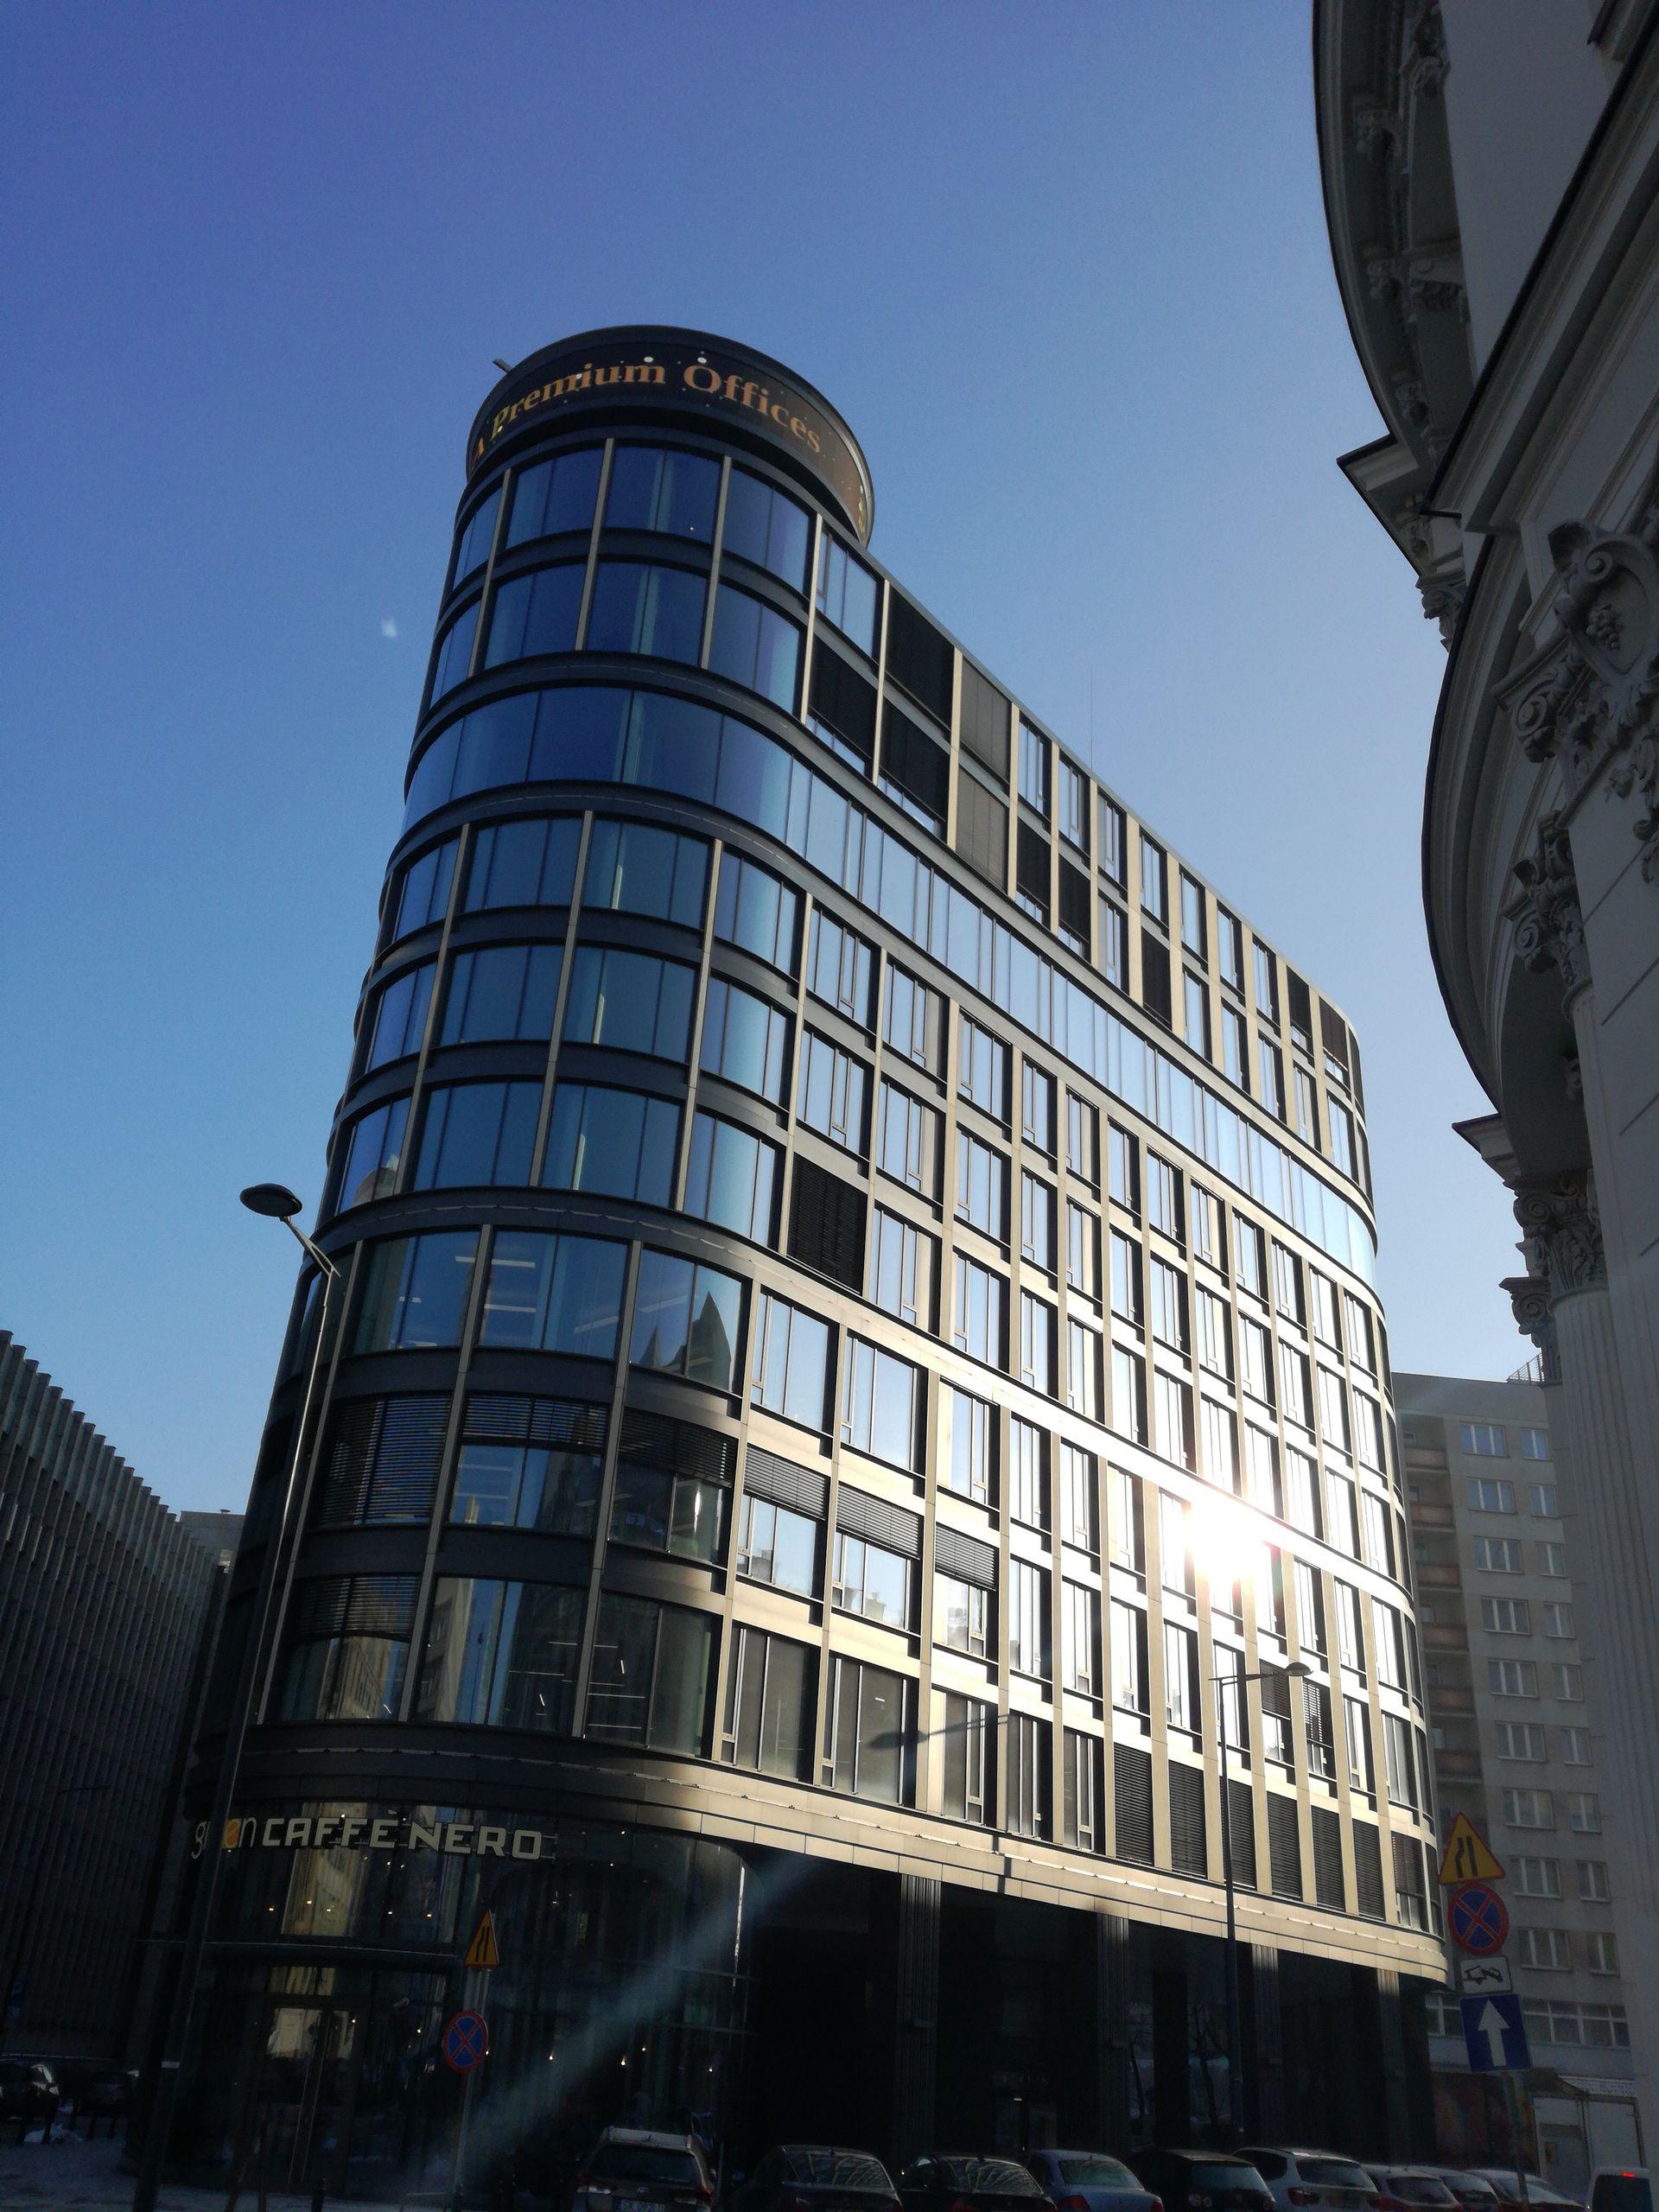 [Warszawa] Dotychczasowy najemca powiększa swoje biuro w Astoria Premium Offices w Warszawie